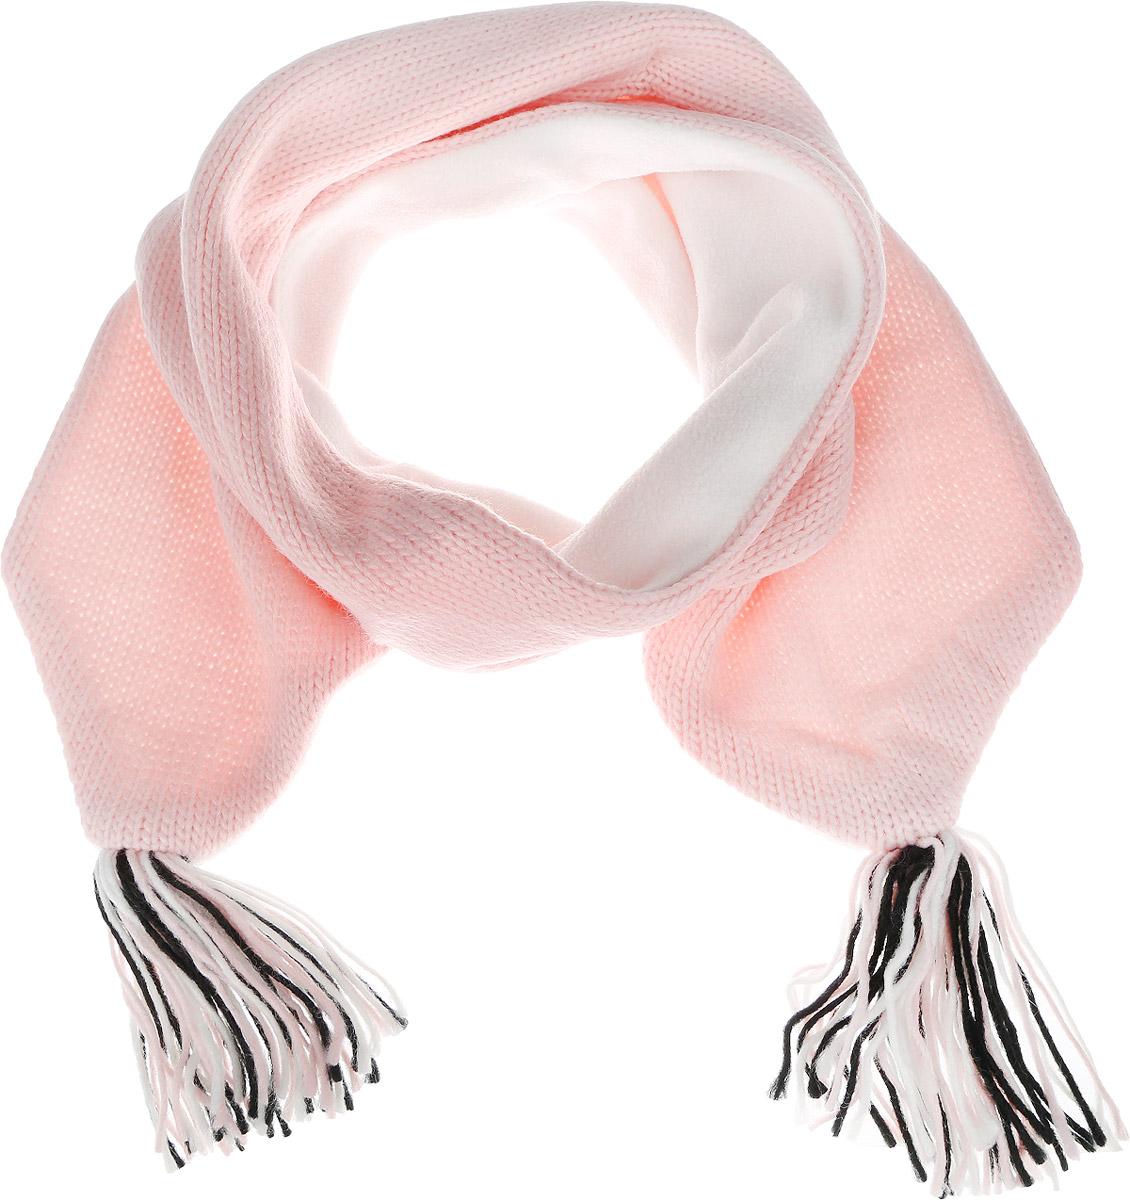 Шарф для девочки. SC-542/237-6303SC-542/237-6303Вязаный шарф для девочки Sela идеально подойдет вашей малышке для прогулок на свежем воздухе. Изготовленный из натурального акриловой пряжи, он необычайно мягкий и приятный на ощупь, хорошо сохраняет тепло. Изделие украшено кистями по краям и дополнено мягкой подкладкой из флиса. Удобный шарф станет модным и стильным дополнением гардероба вашей маленькой принцессы, надежно защитит ее от холода и ветра и поднимет ей настроение даже в пасмурные дни!